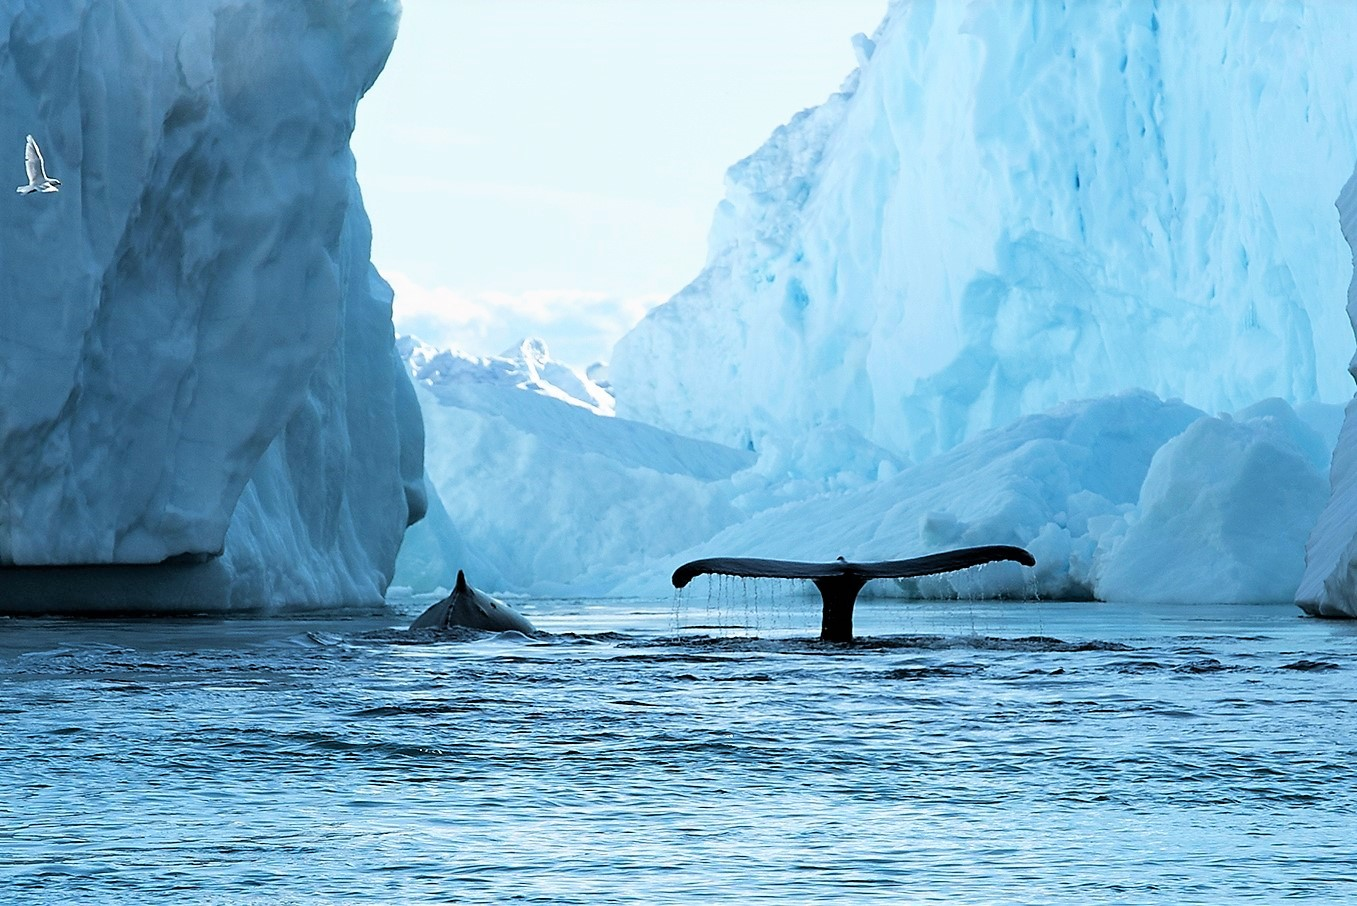 氷山の脇をゆったりと泳ぐクジラ